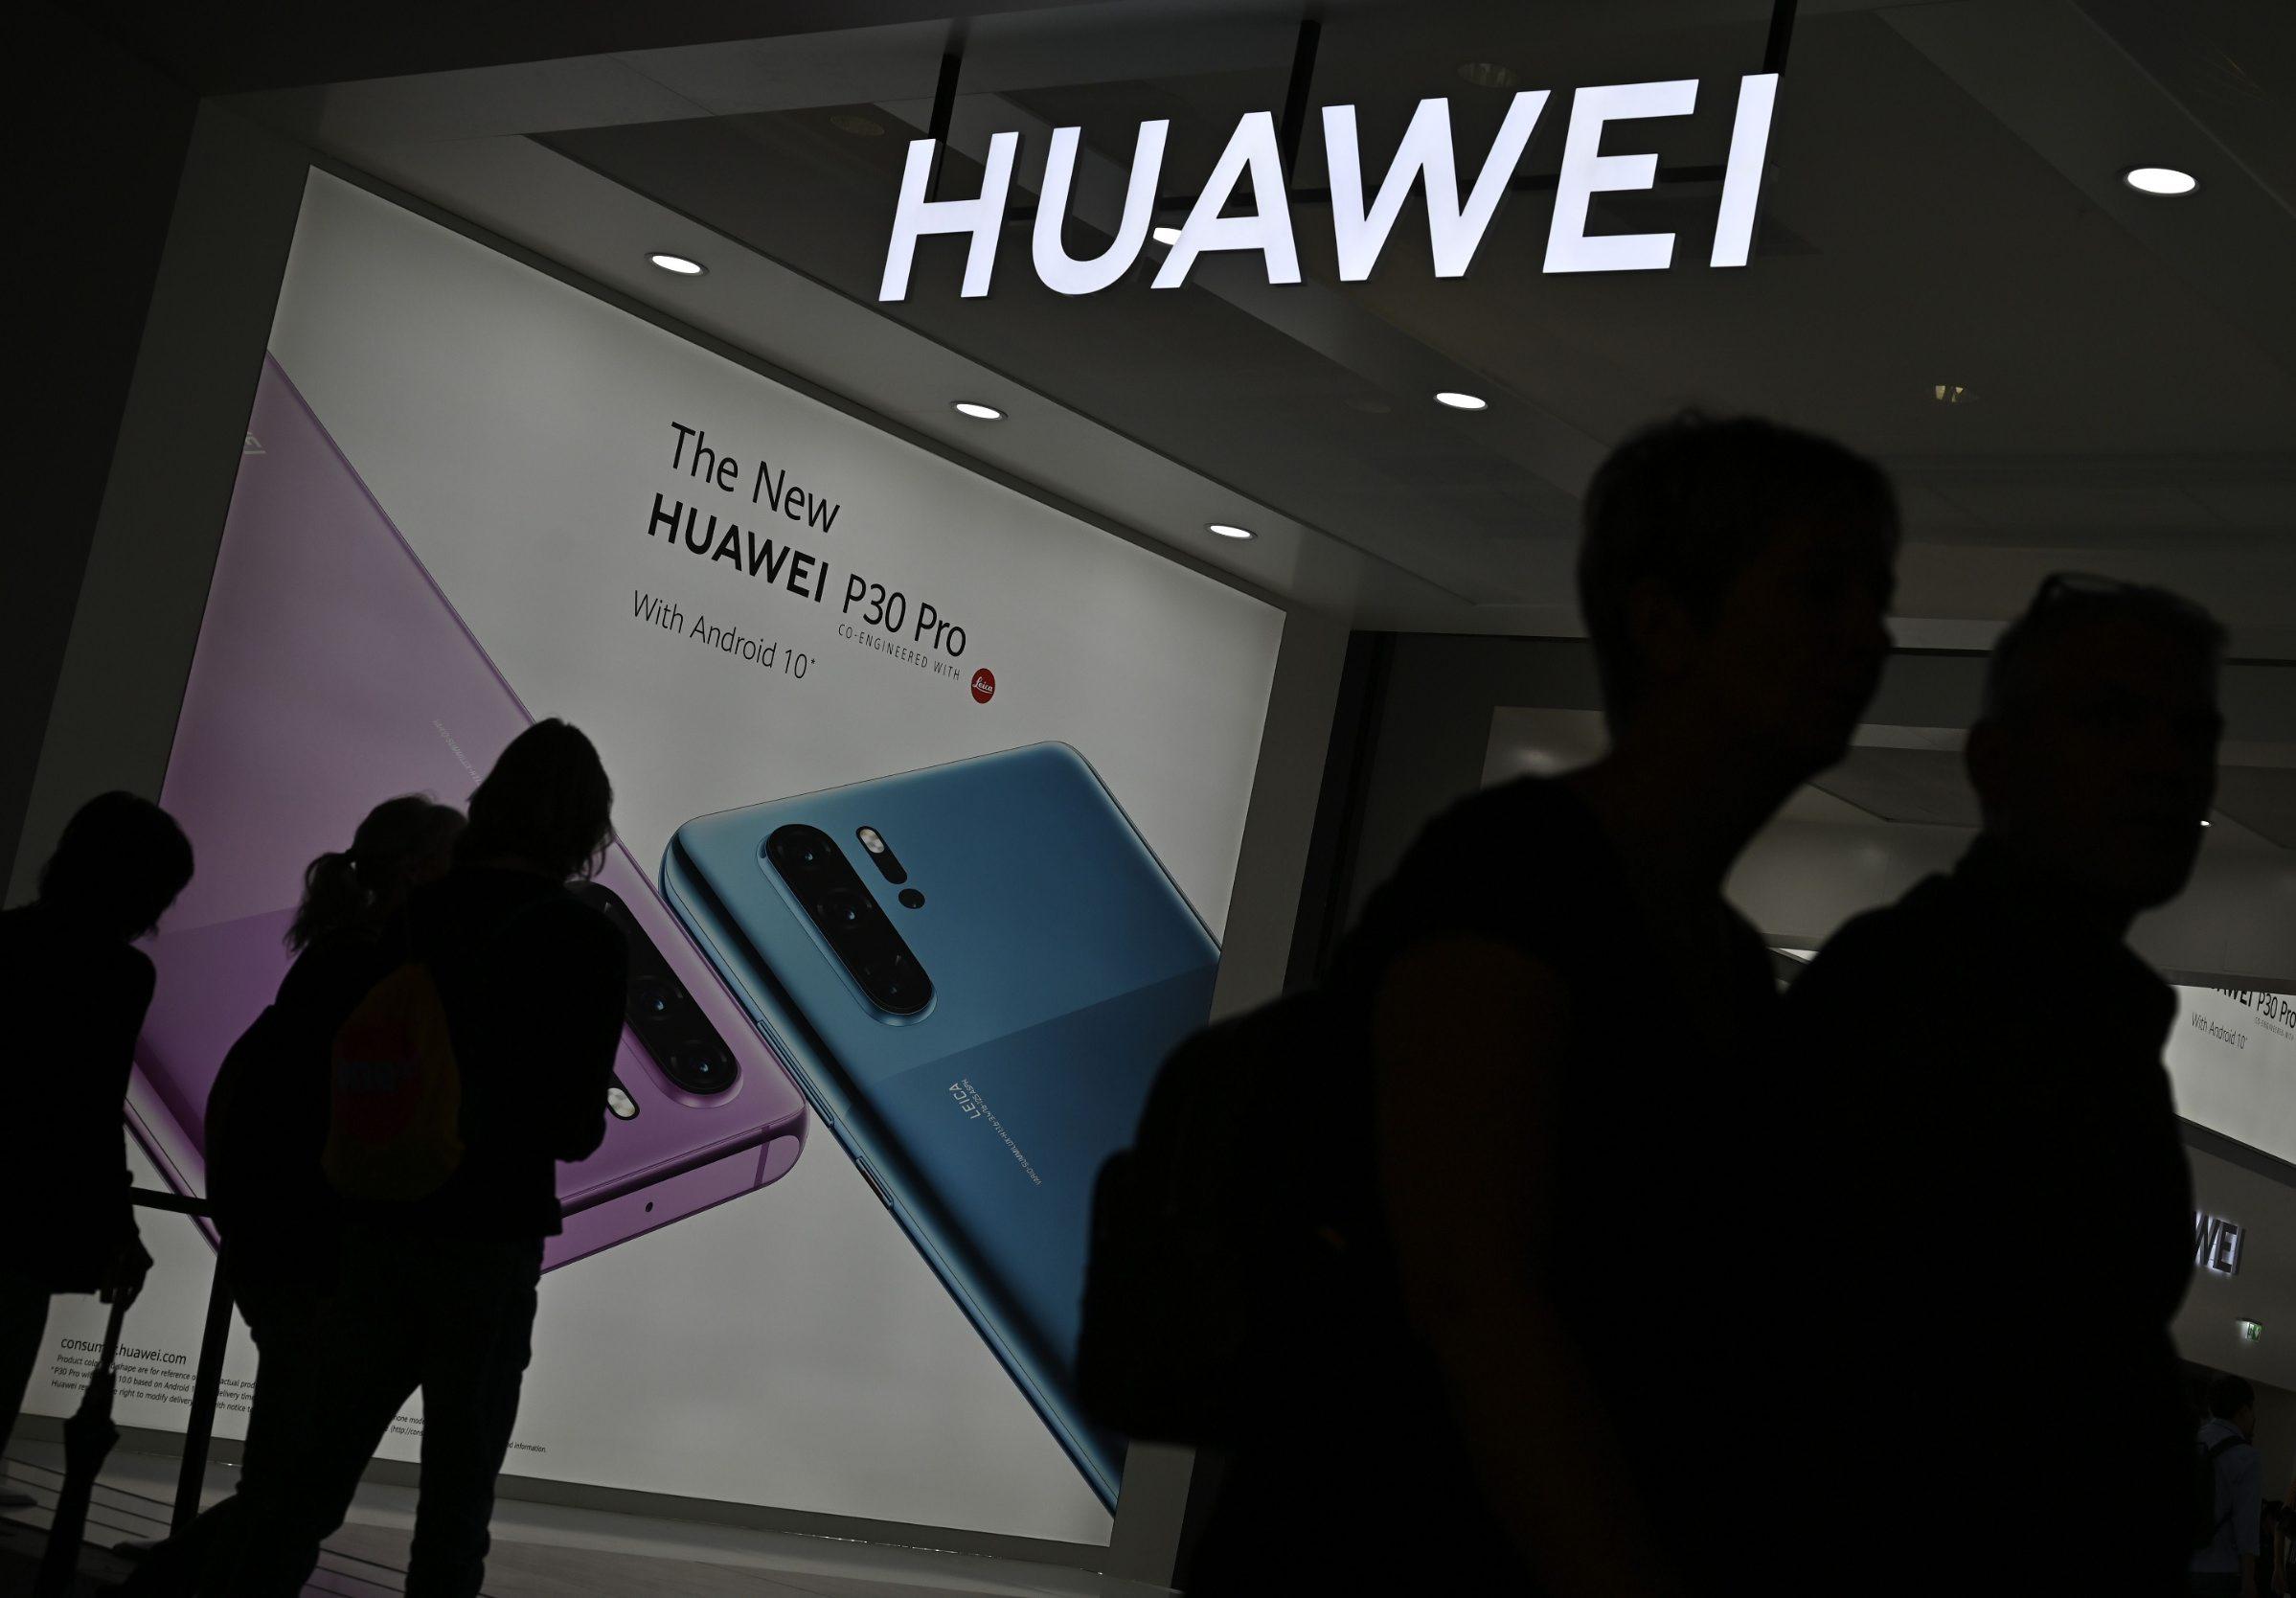 Ilustracija: prolaznici ispred promotivnog plakata tvrtke Huawei